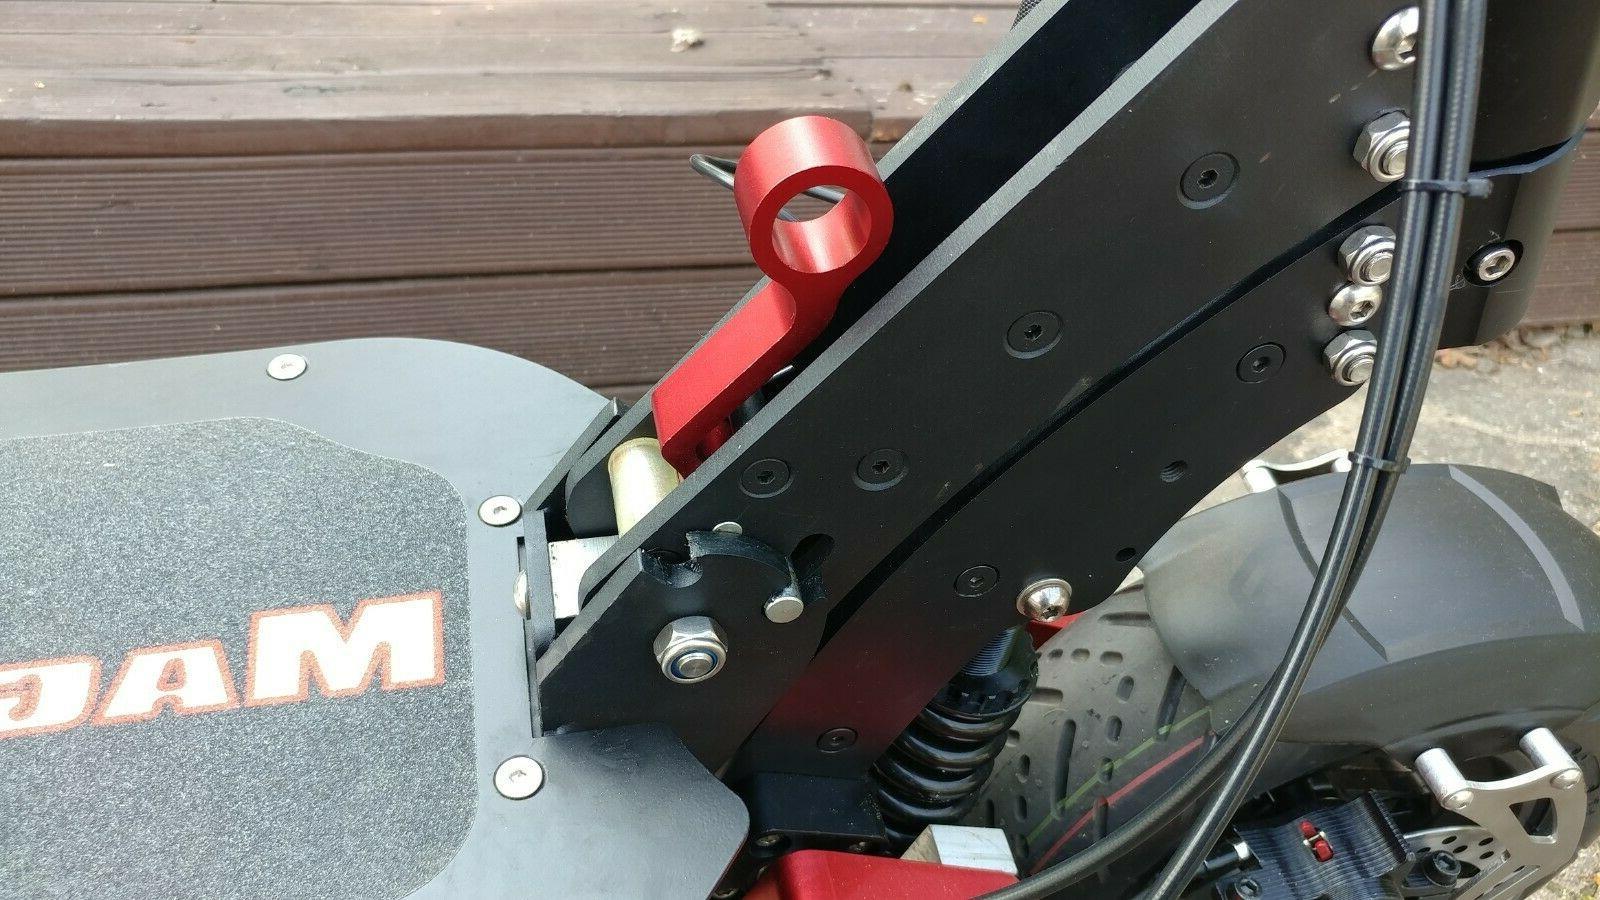 GOTWAY DTEN MAGNUM 100V/3500W SINGLE BATTERY SCOOTER